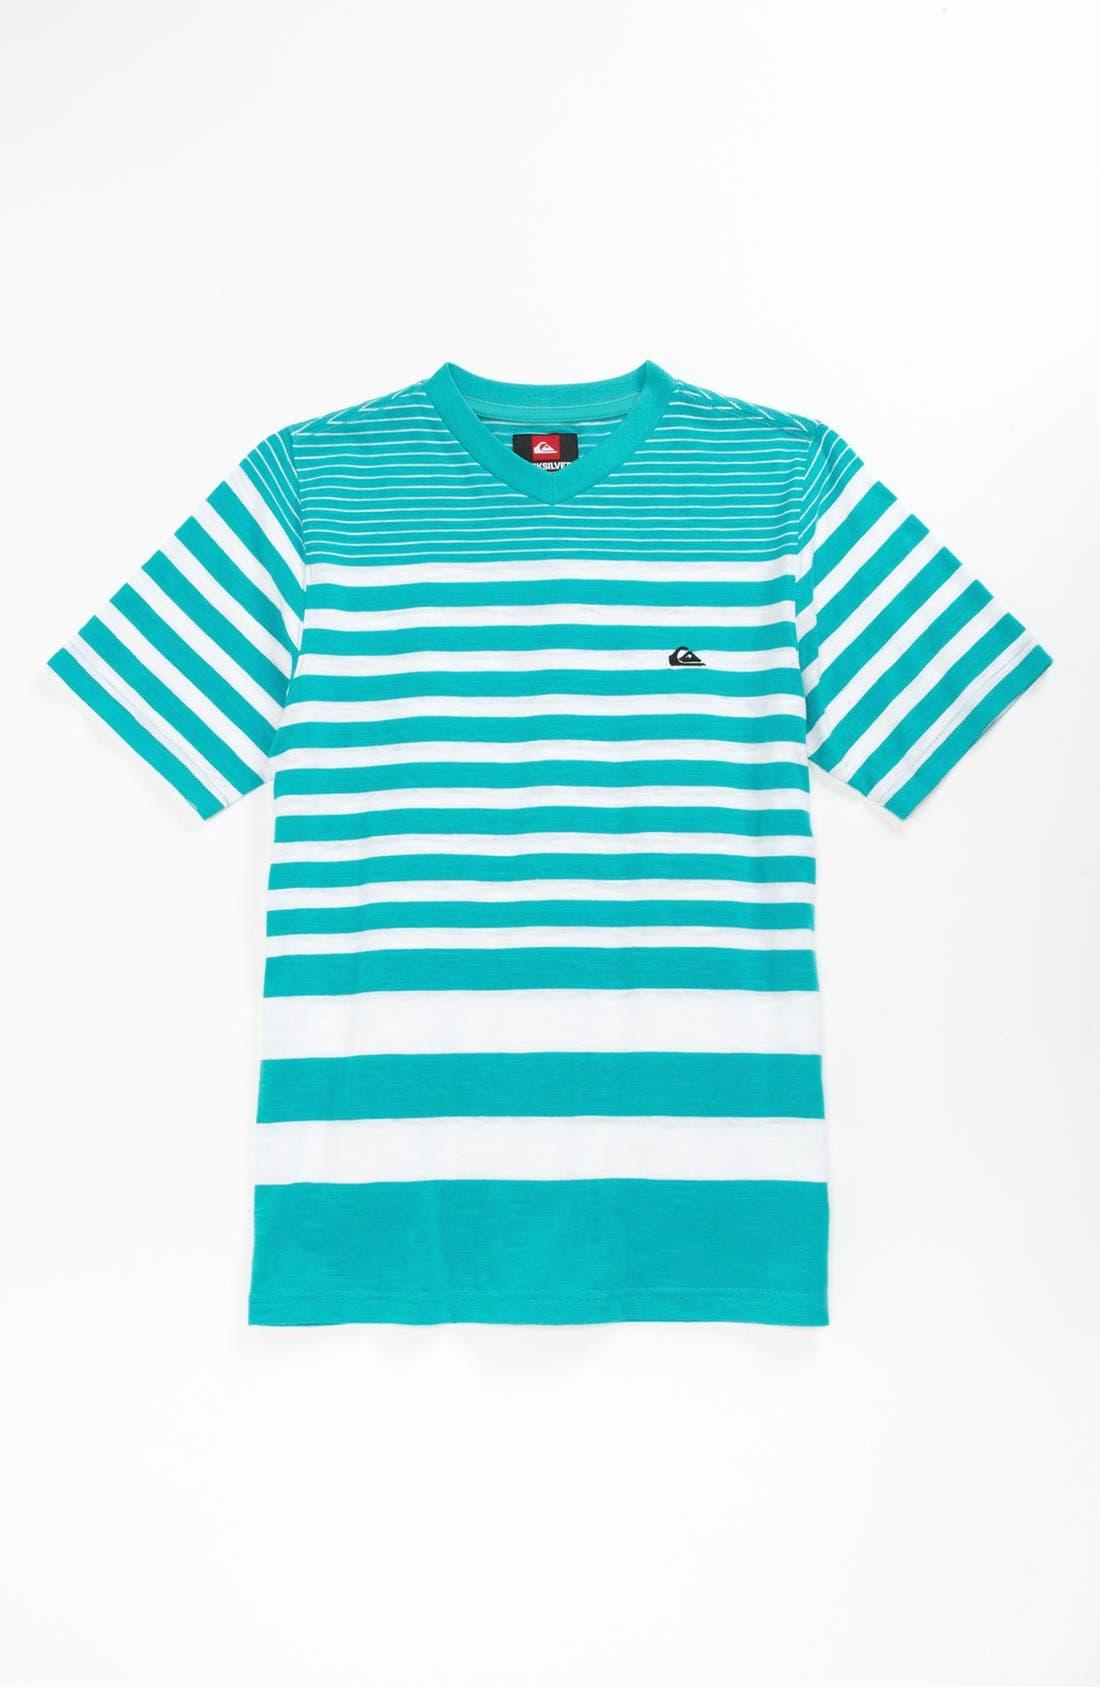 Alternate Image 1 Selected - Quiksilver 'Car Path' Slubbed Cotton T-Shirt (Big Boys)